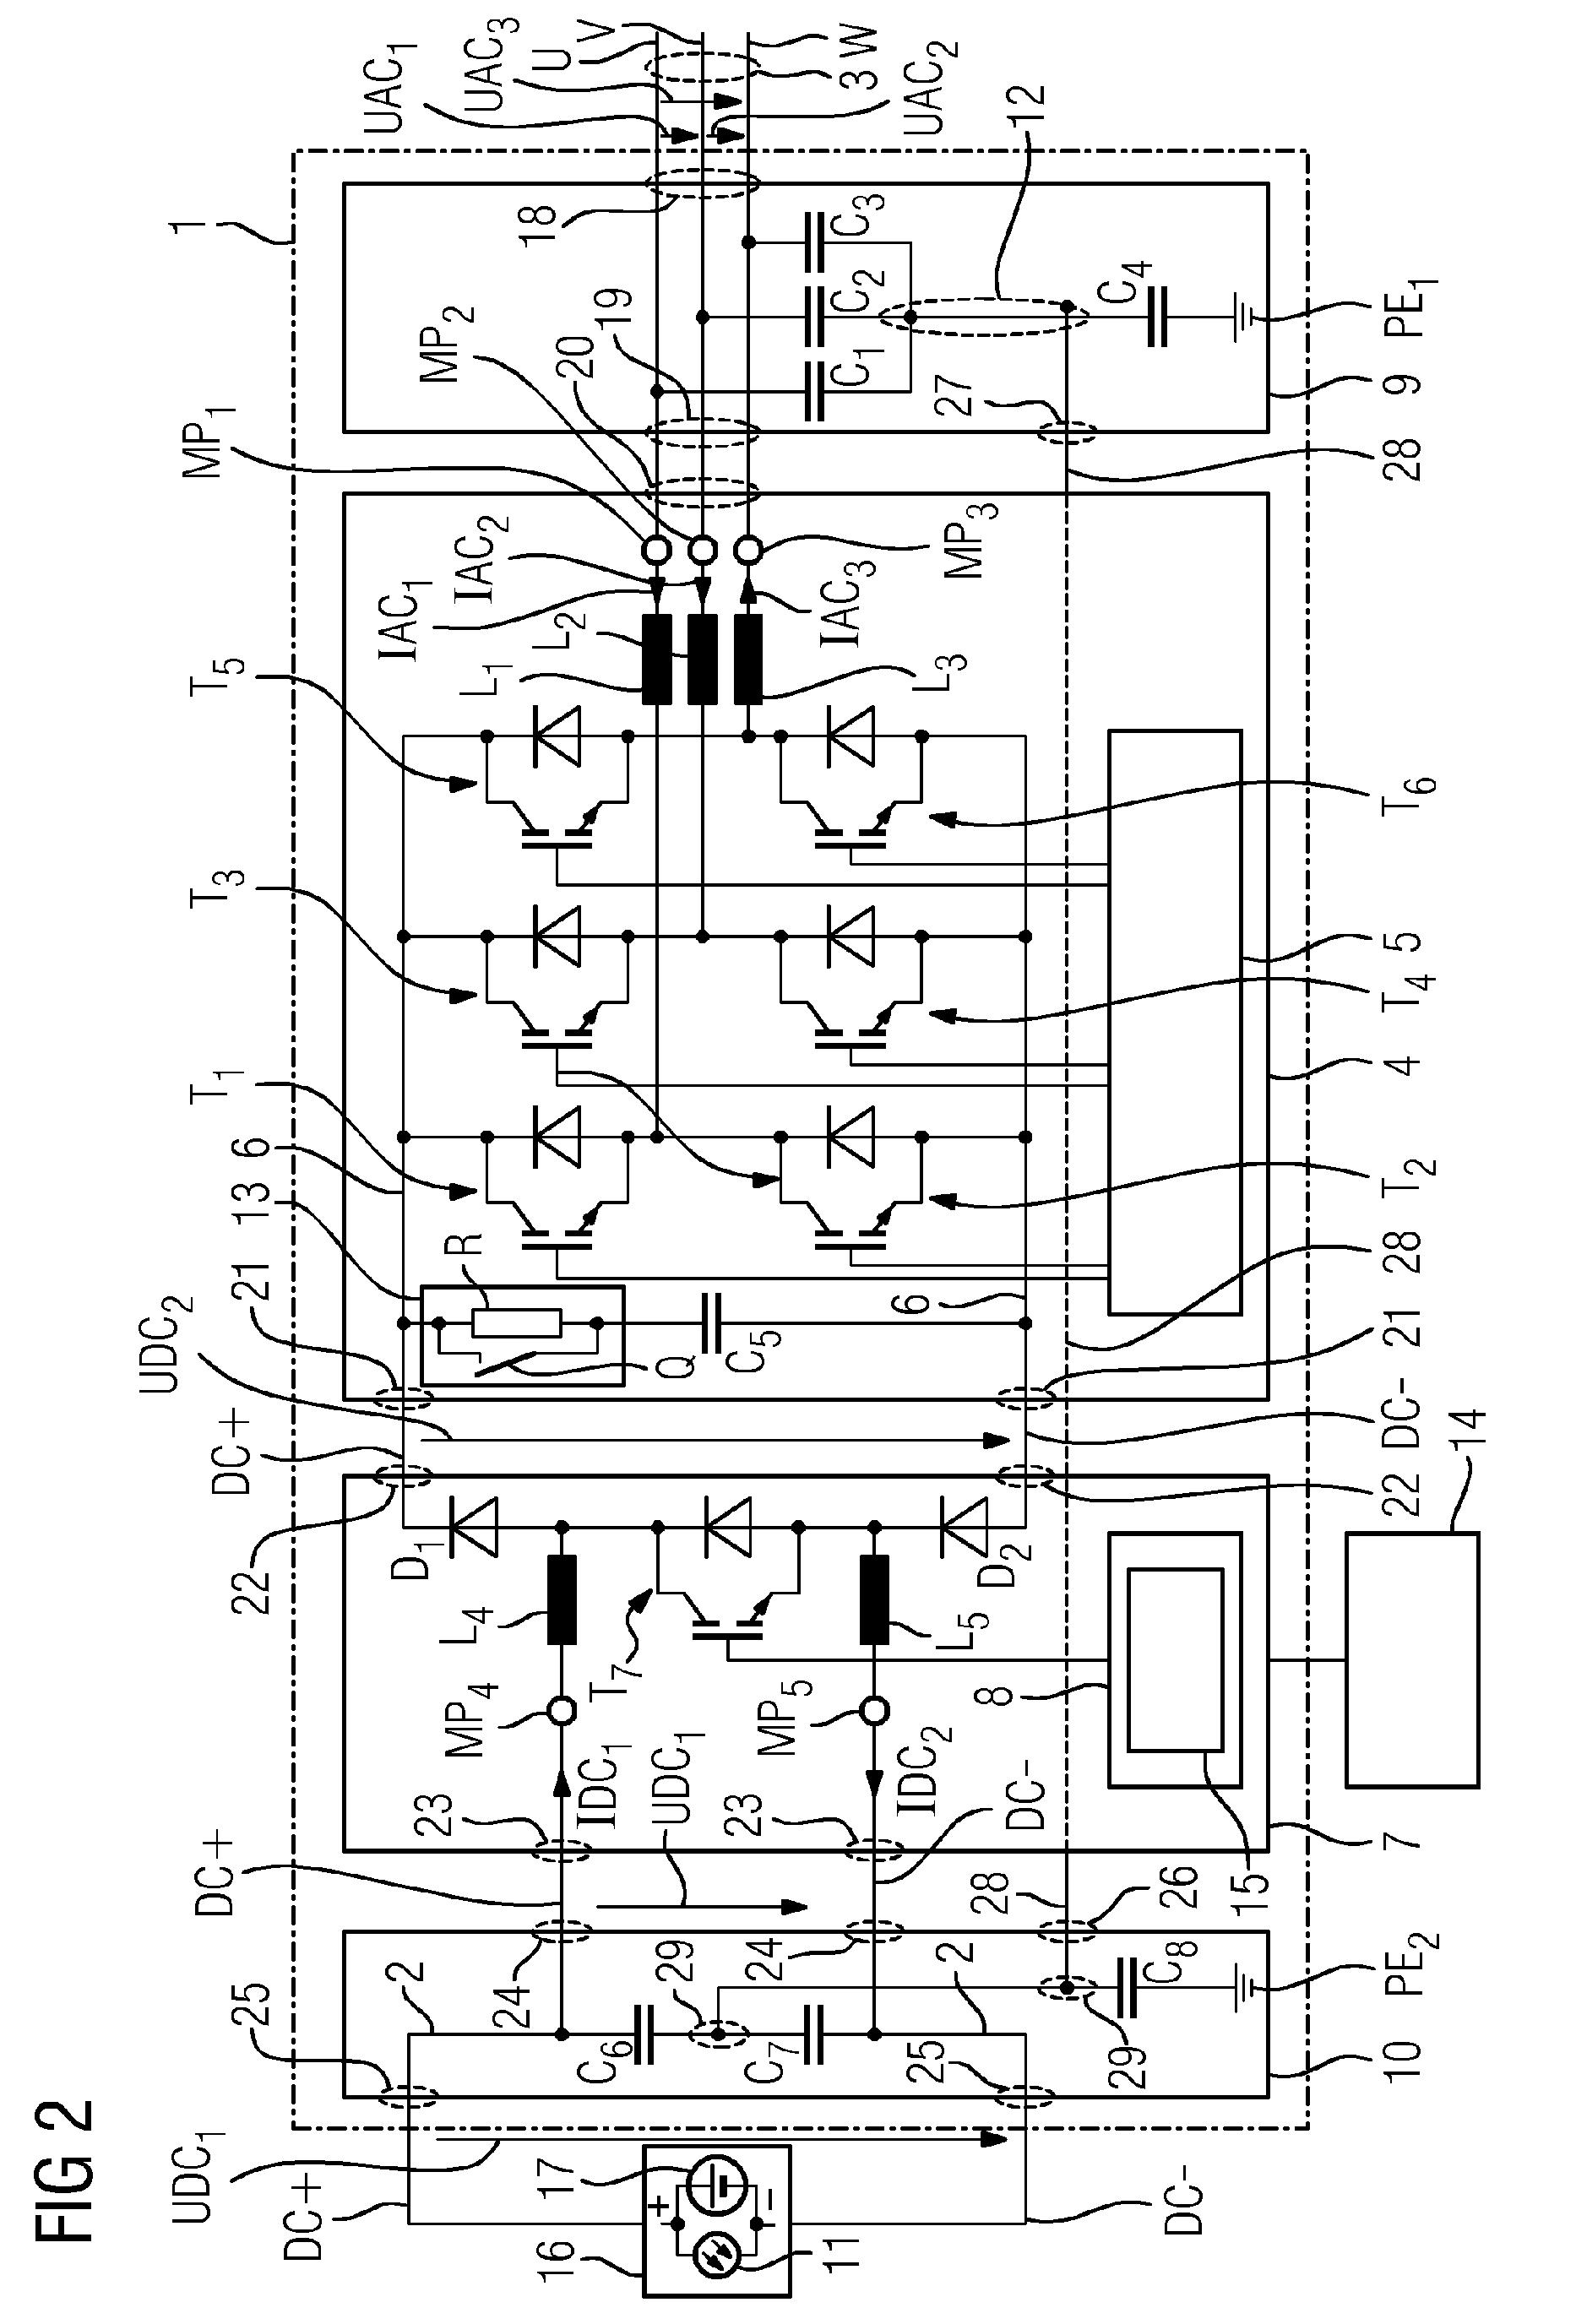 Energieeinspeisevorrichtung mit symmetrischer Anbindung